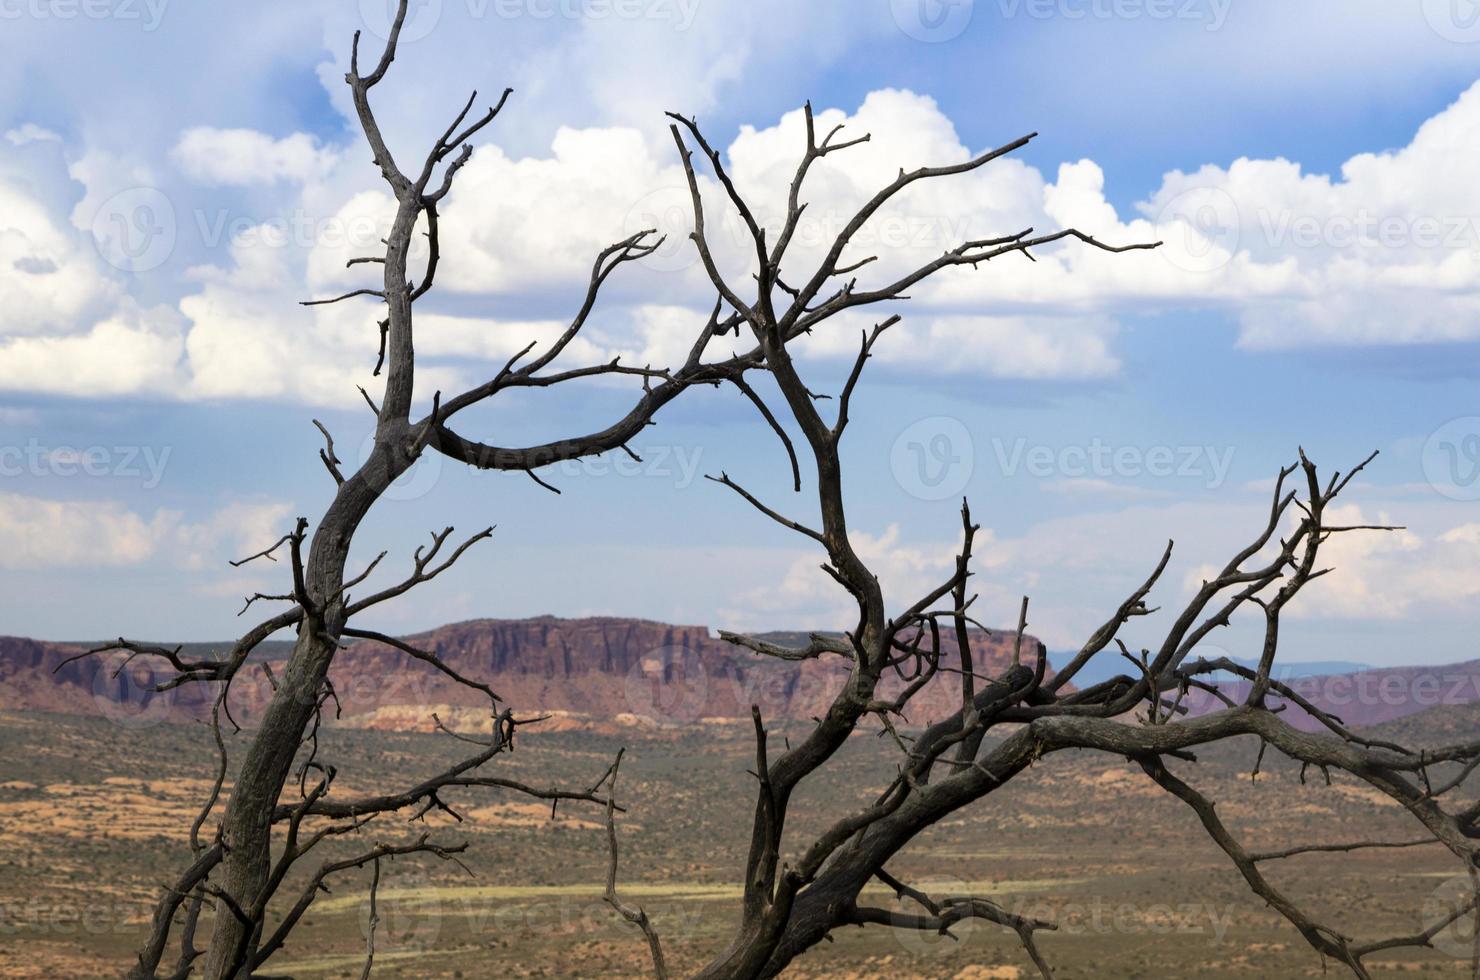 paysage désertique arbre mort photo